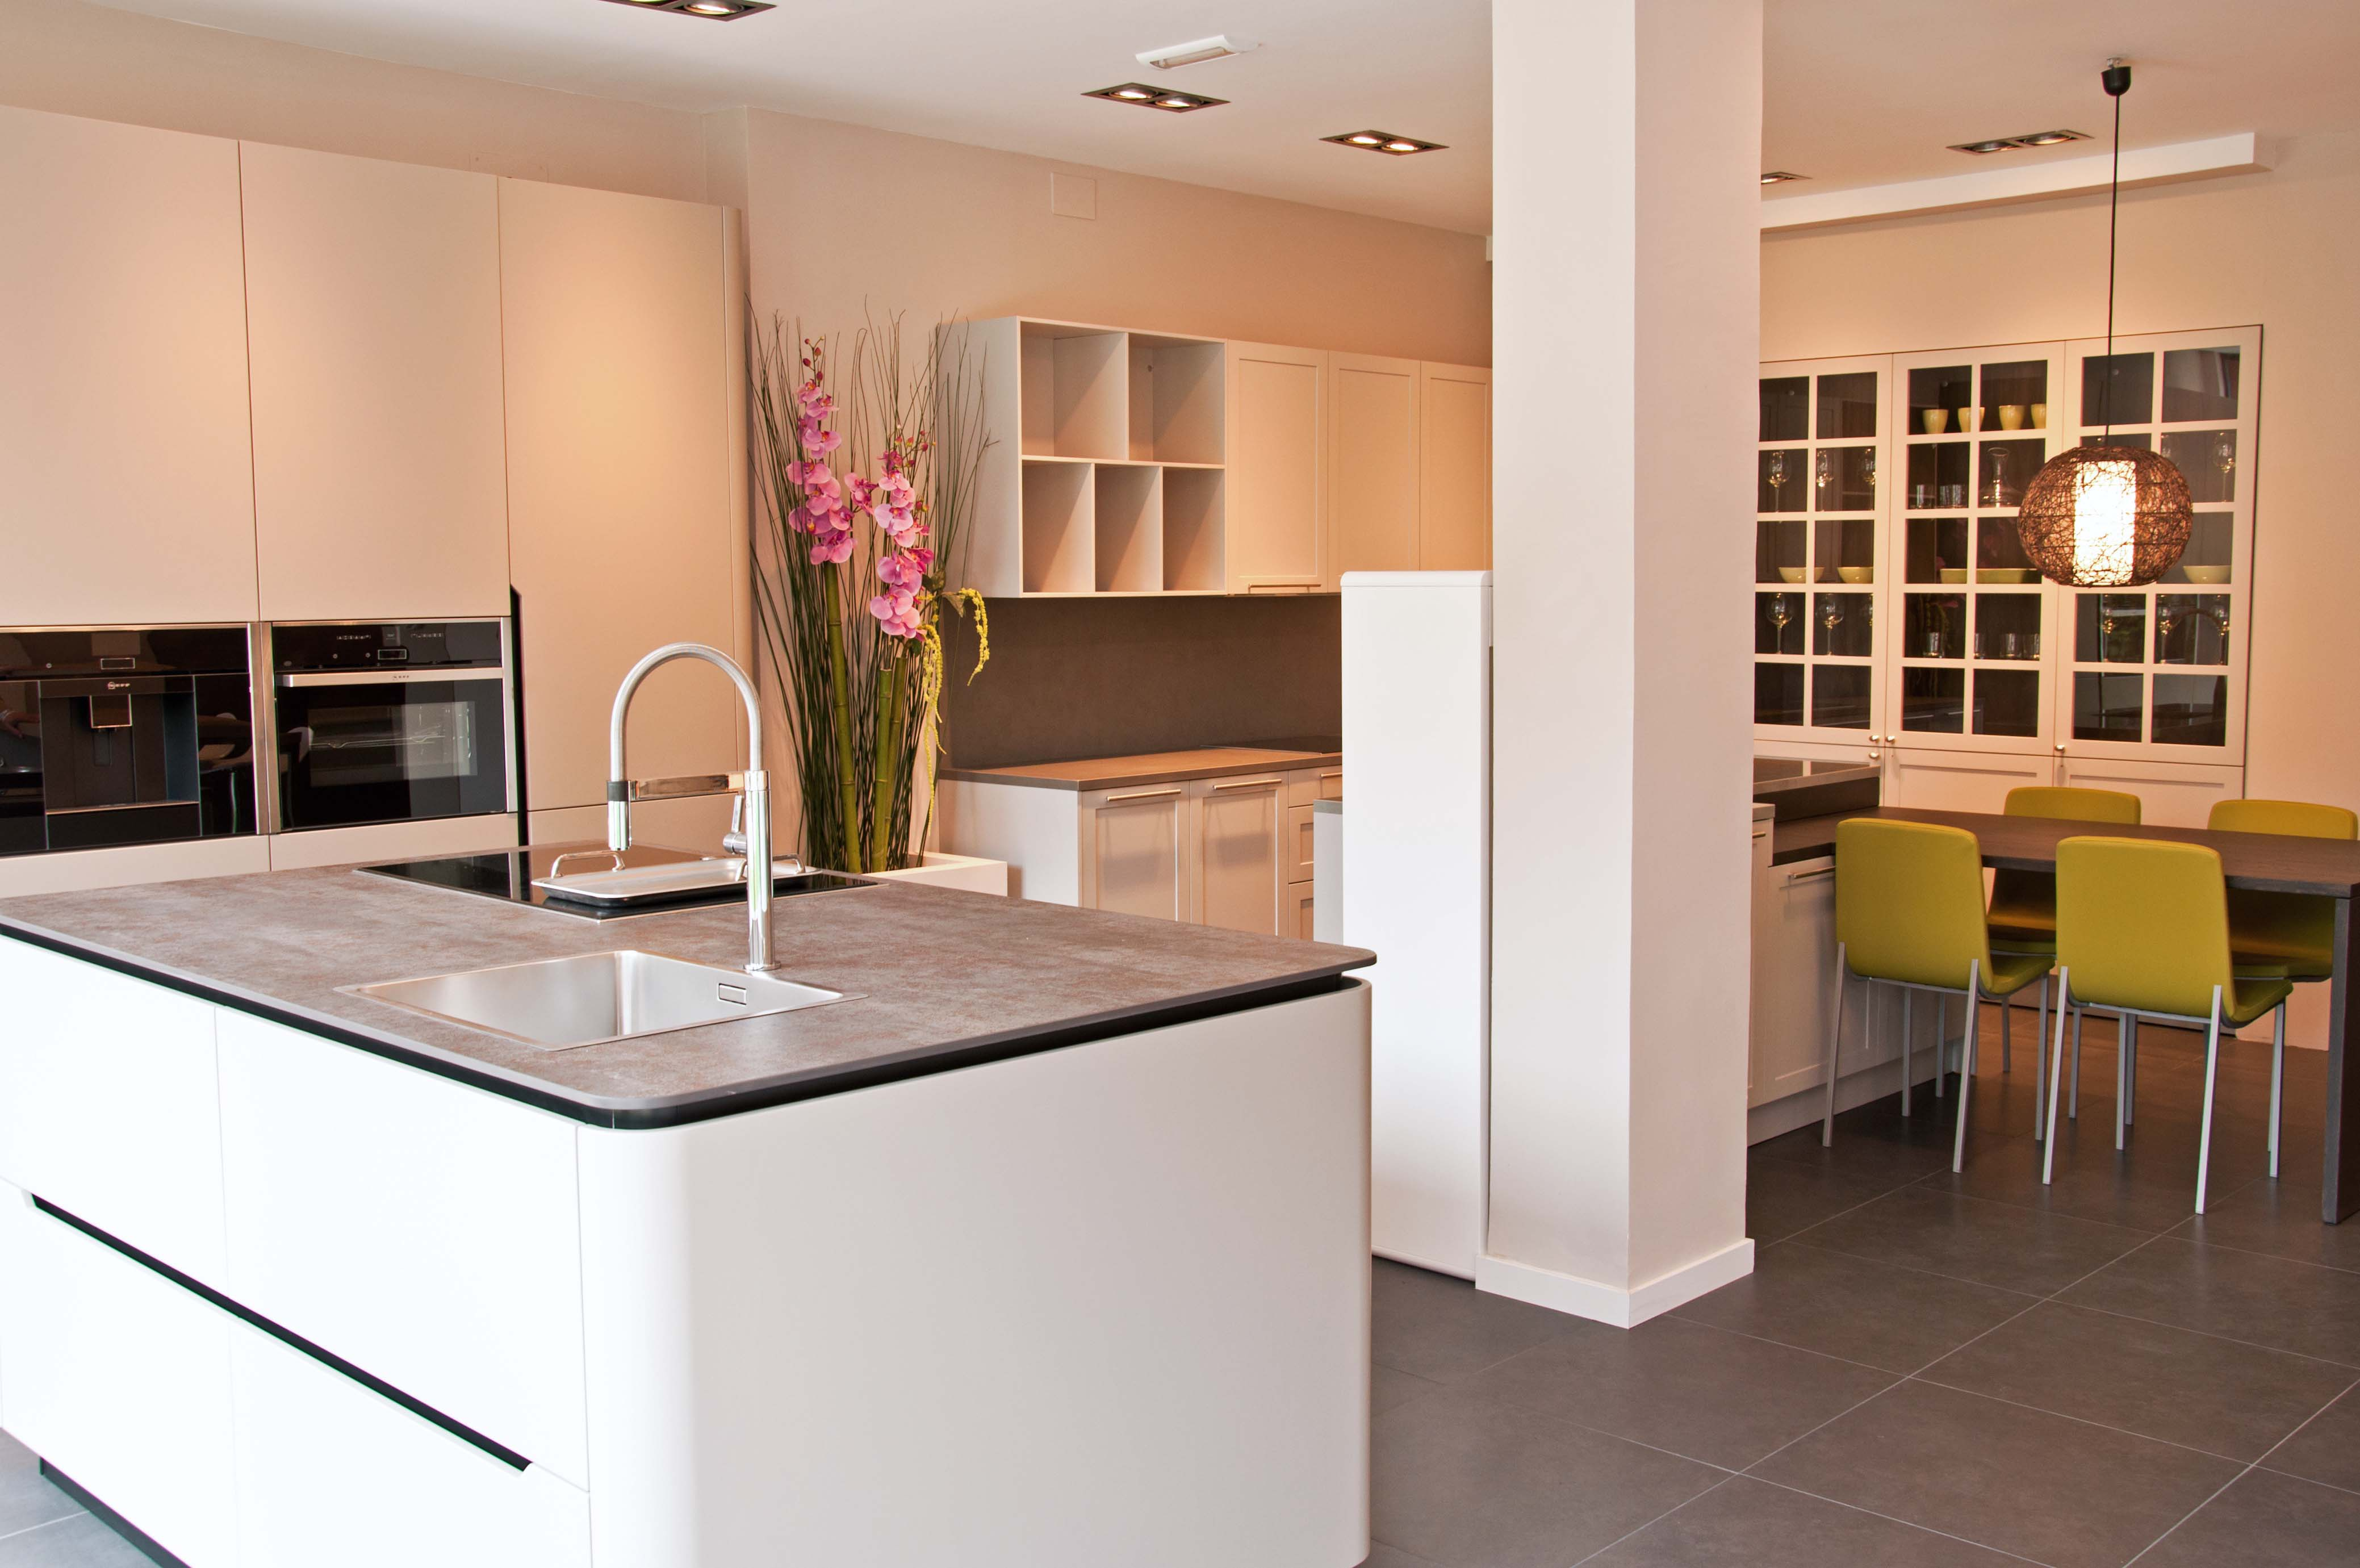 muebles de cocina en pozuelo de alarc n On alarcon cocinas